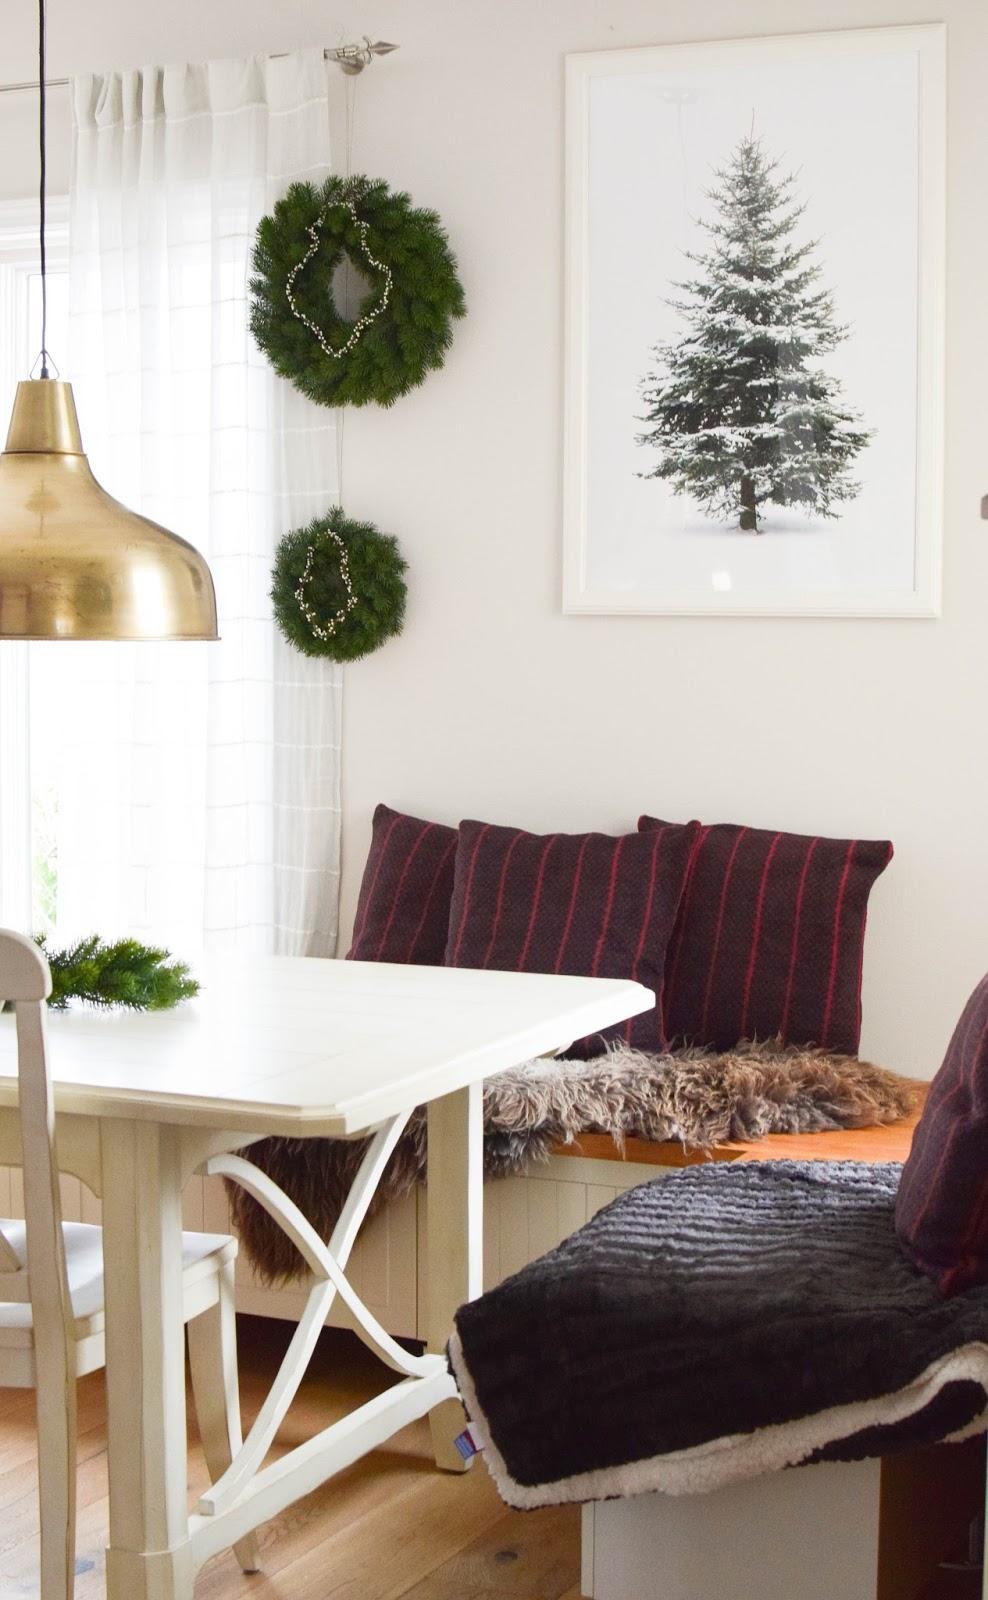 Deko Weihnachten Esszimmer Kissen Decke Plaid gemütlich einrichten Interior Tanne Kranz